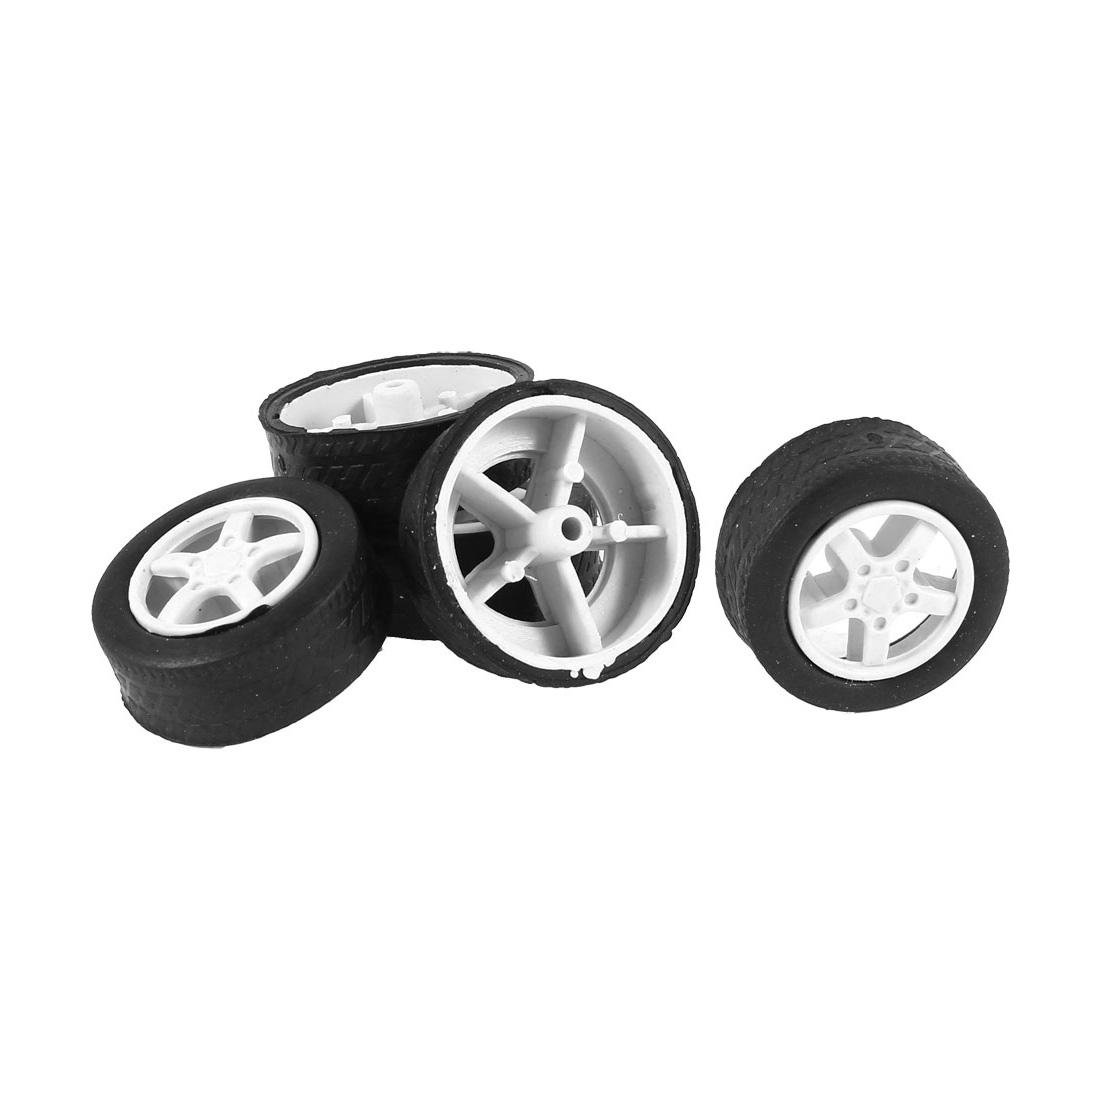 5 Pcs 31mm Dia Rubber Roll Plastic Spoke Car Auto Model Toys Wheels Black White